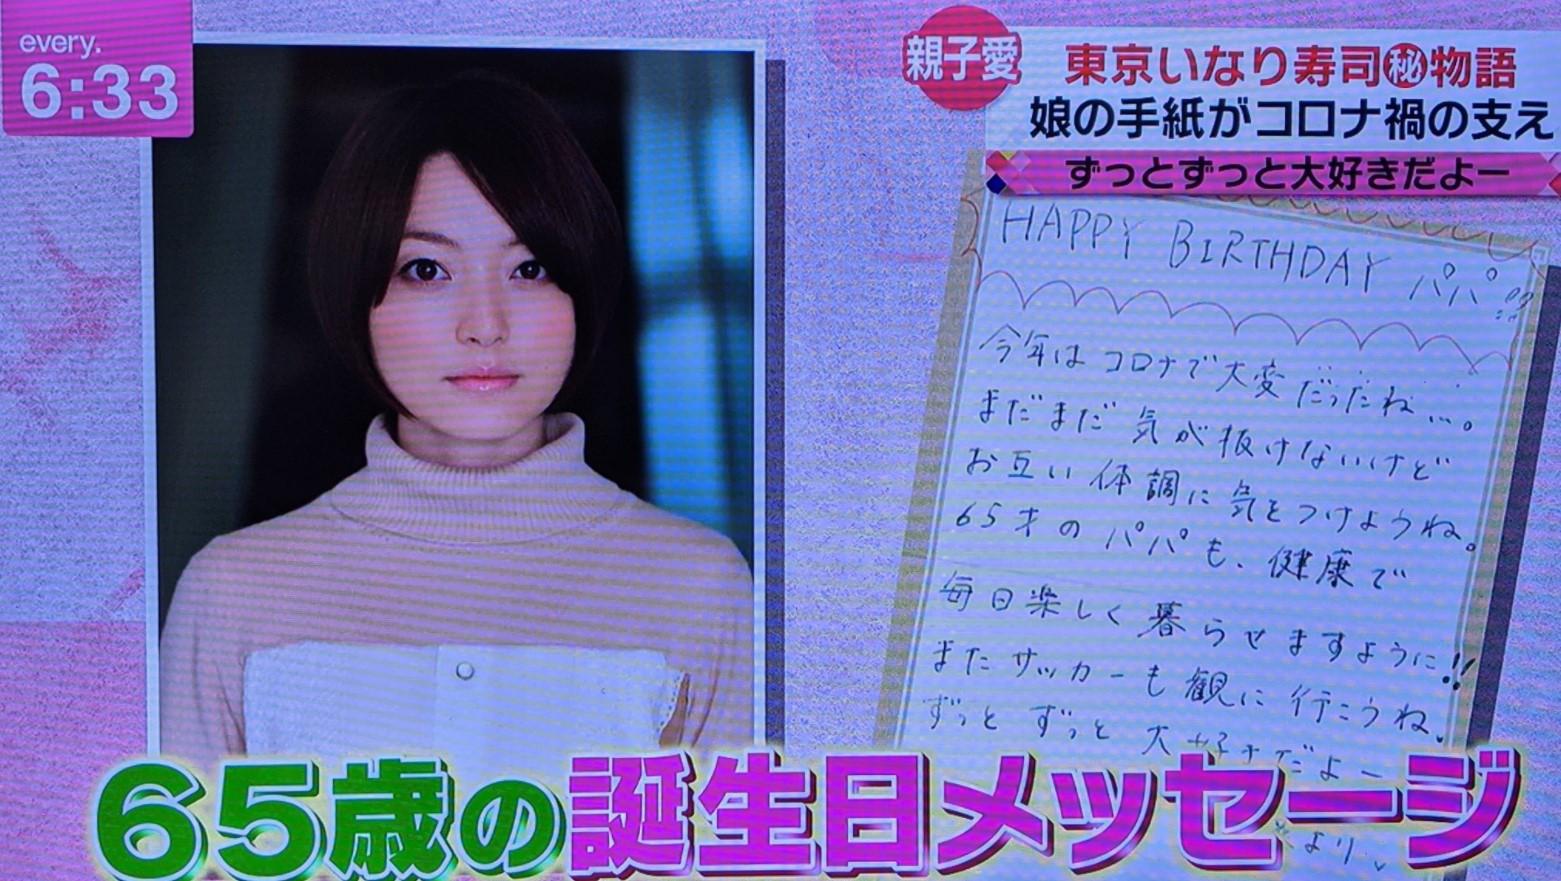 花澤香菜が父花澤克己さんへ送った手紙